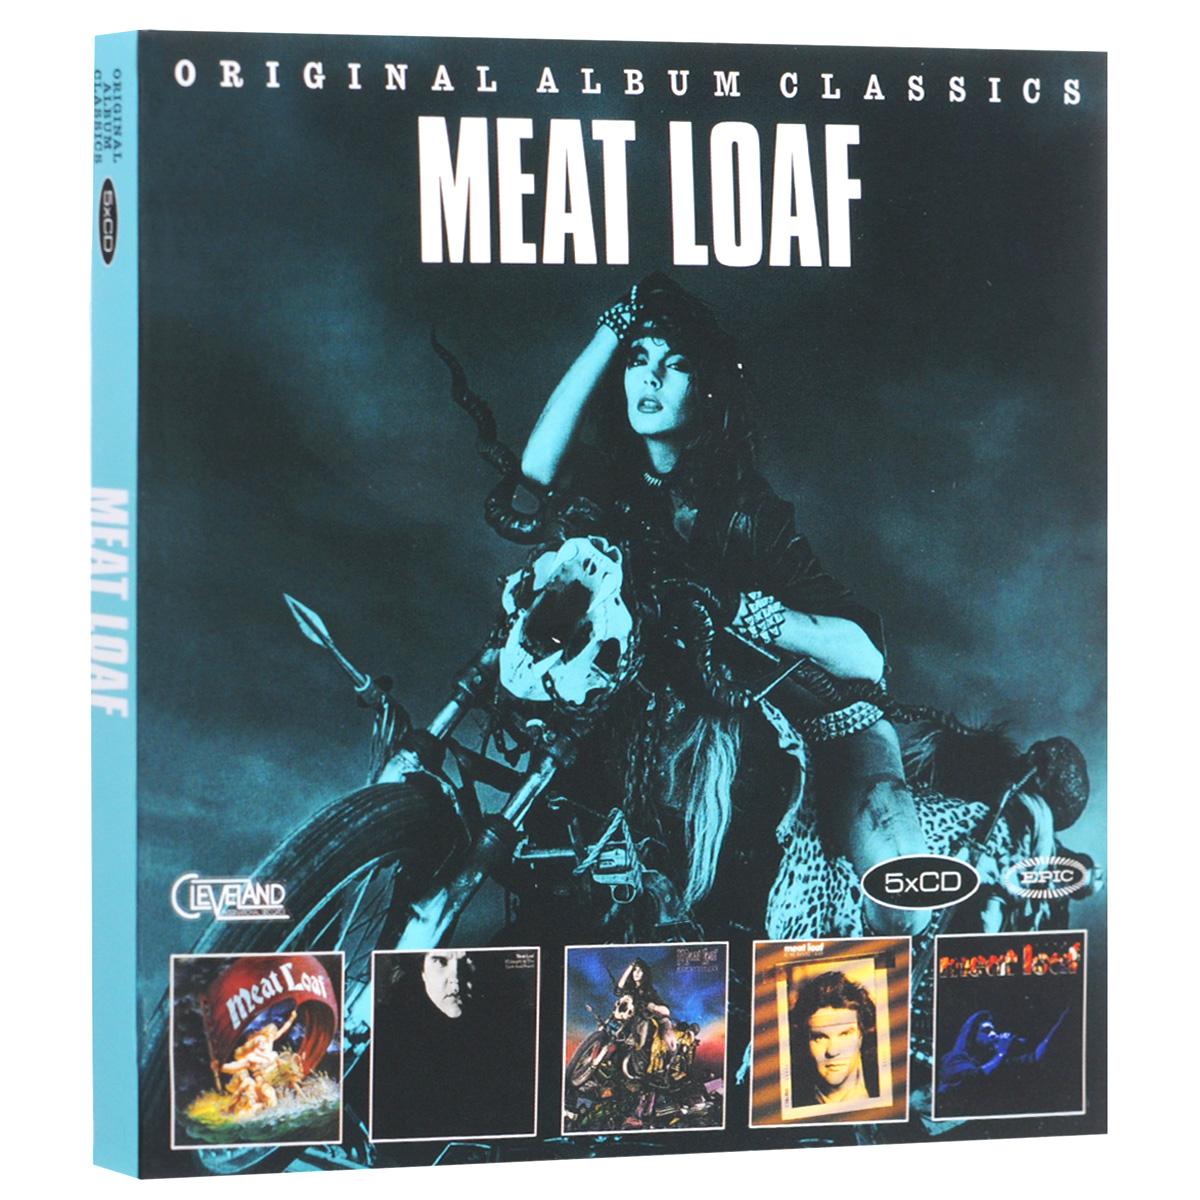 Мит Лоуф Meat Loaf. Original Album Classics (5 CD) мит лоуф meat loaf bat out of hell ii back into hell